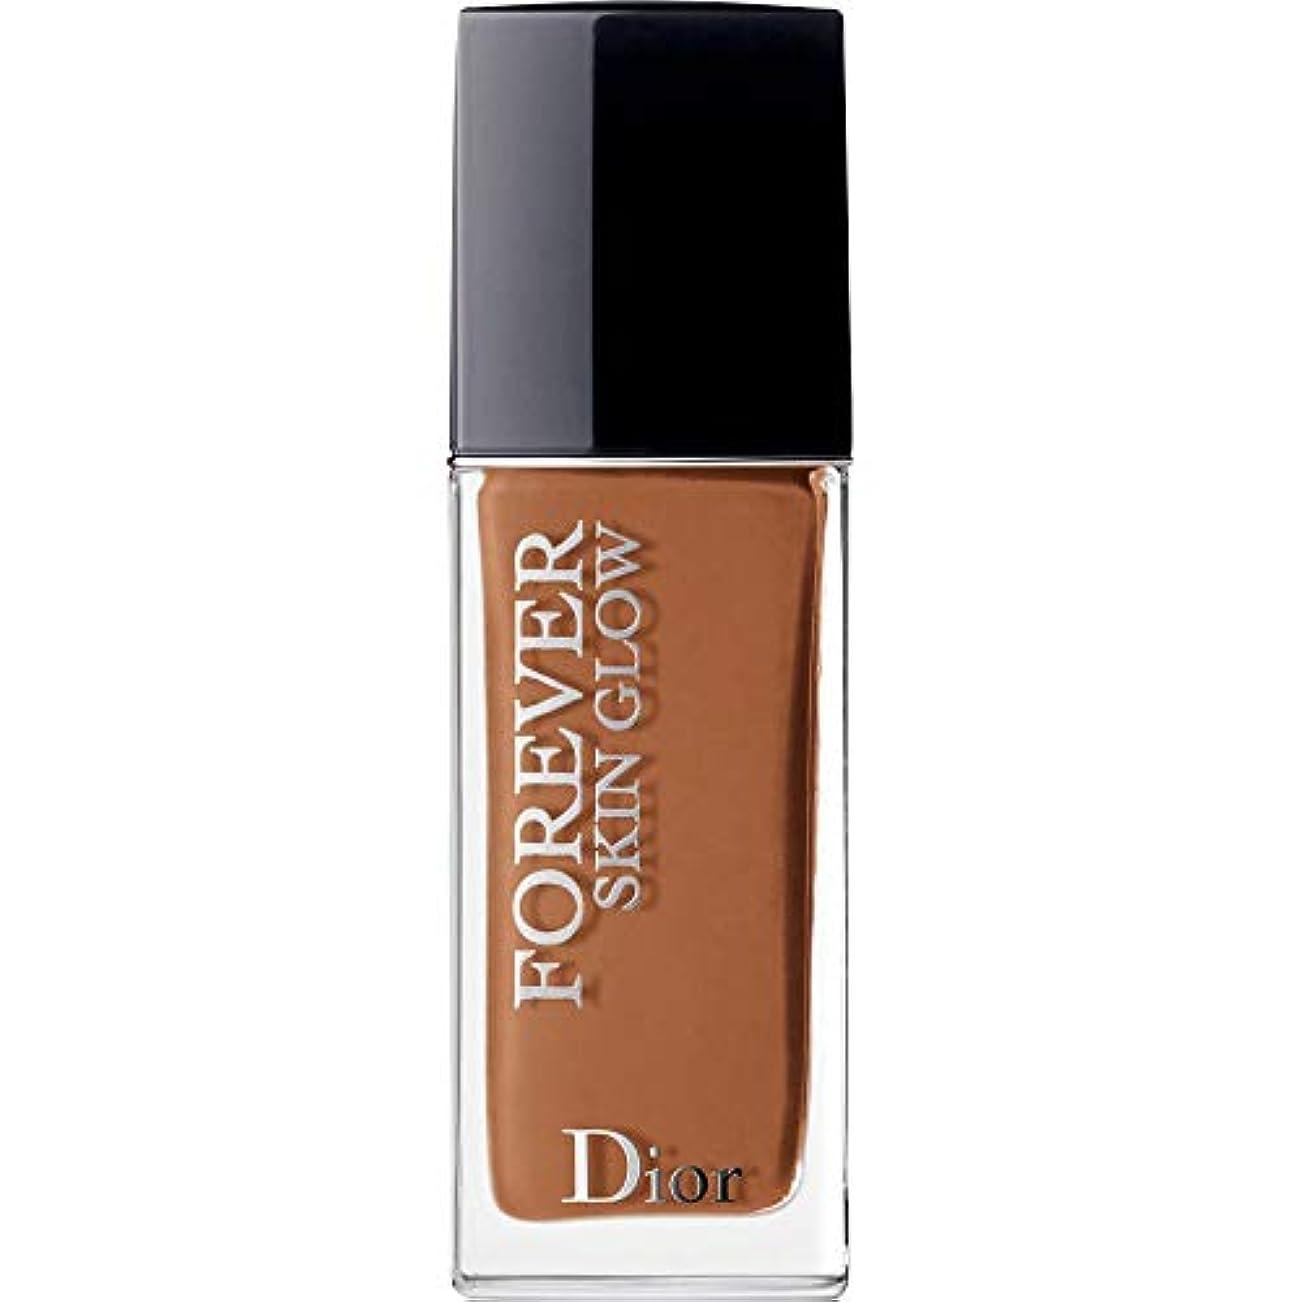 涙が出る極端な所属[Dior ] ディオール永遠に皮膚グロー皮膚思いやりの基礎Spf35 30ミリリットルの6N - ニュートラル(肌の輝き) - DIOR Forever Skin Glow Skin-Caring Foundation...